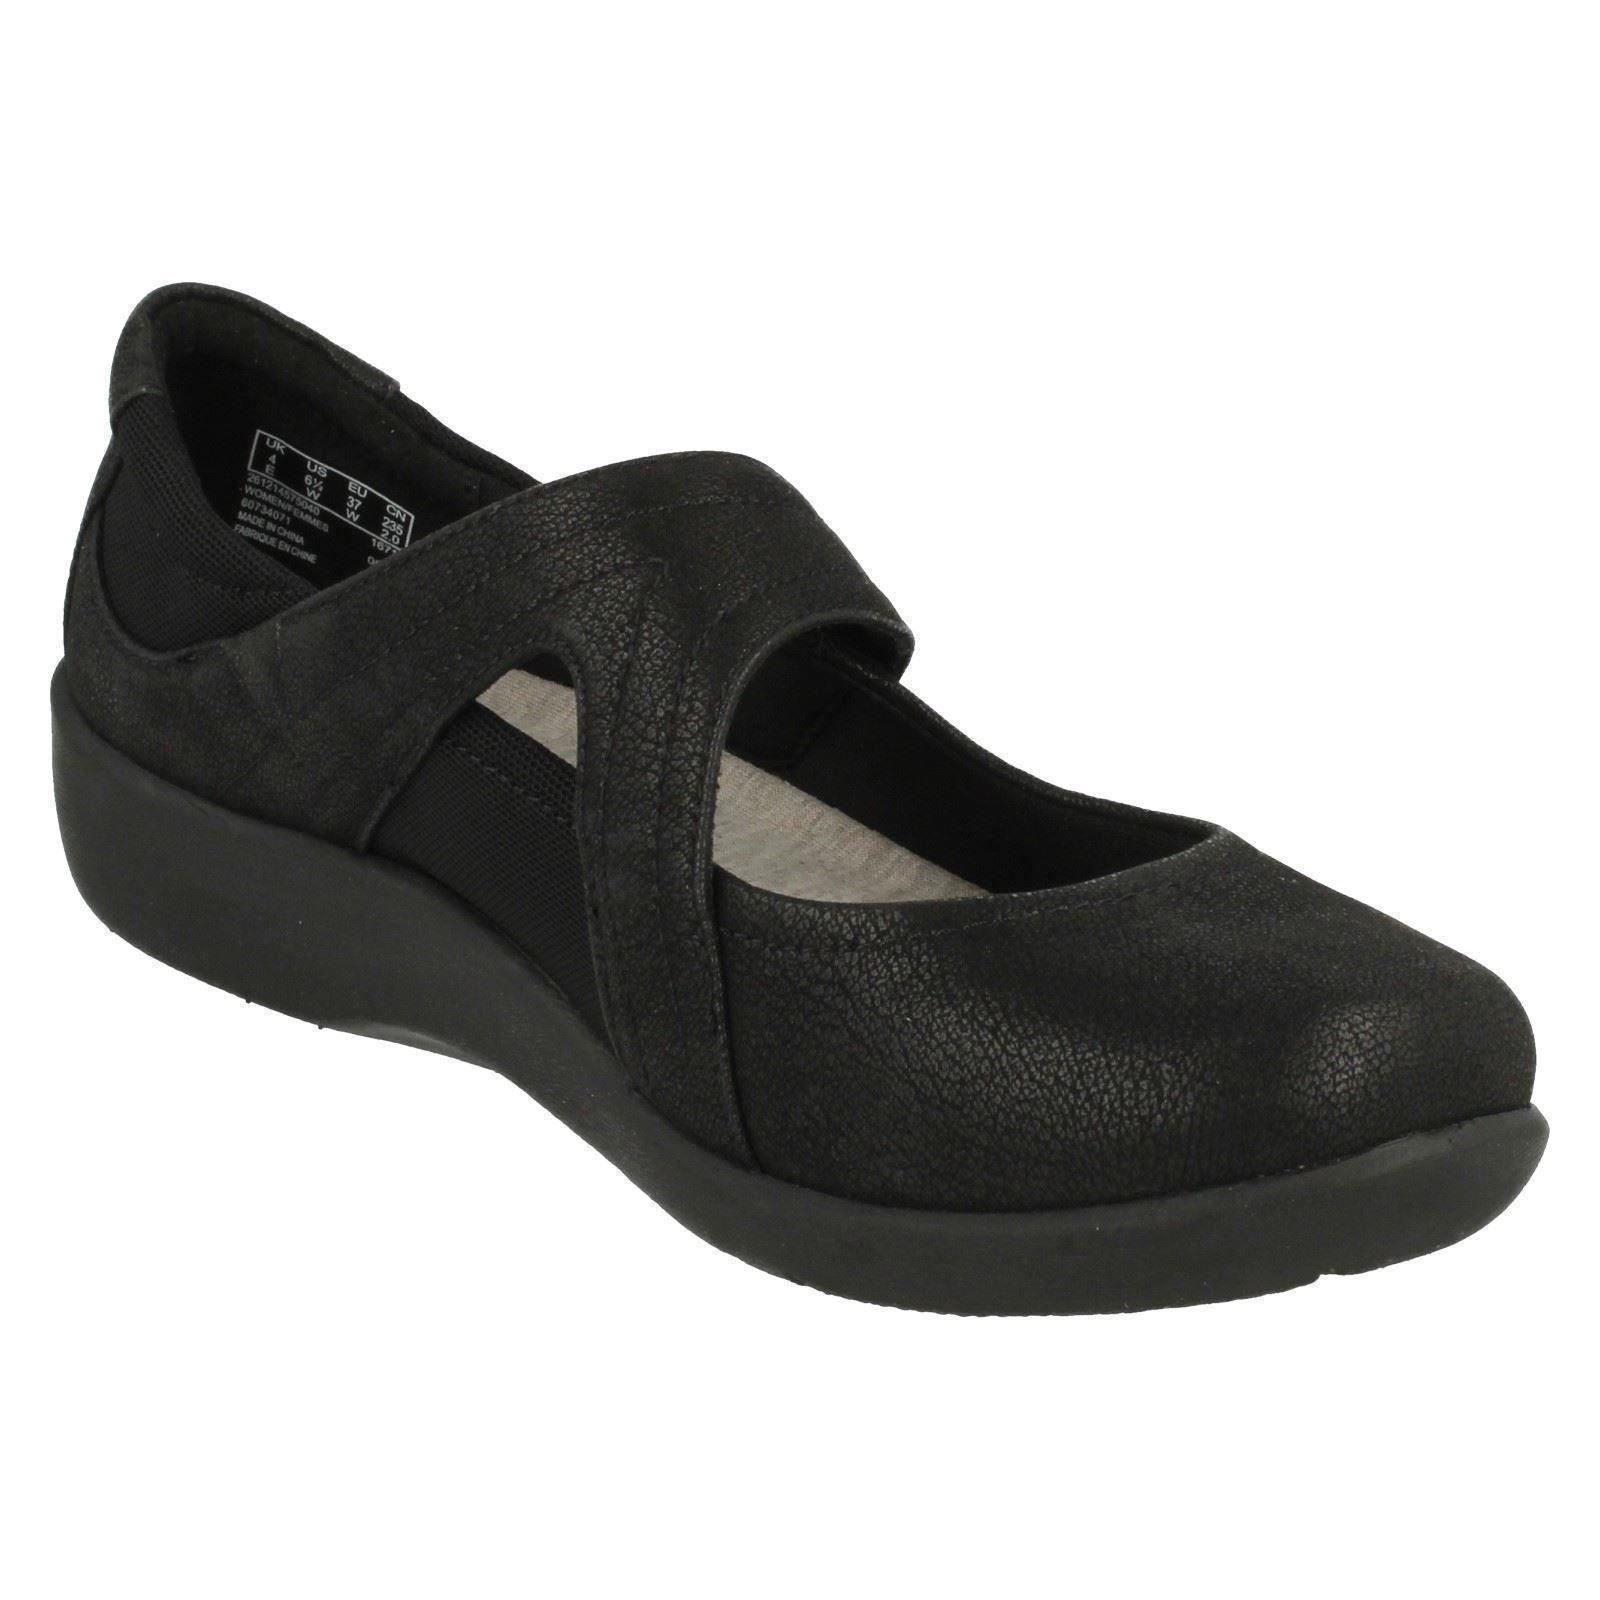 Clarks Sillian Bella Shoes Women S